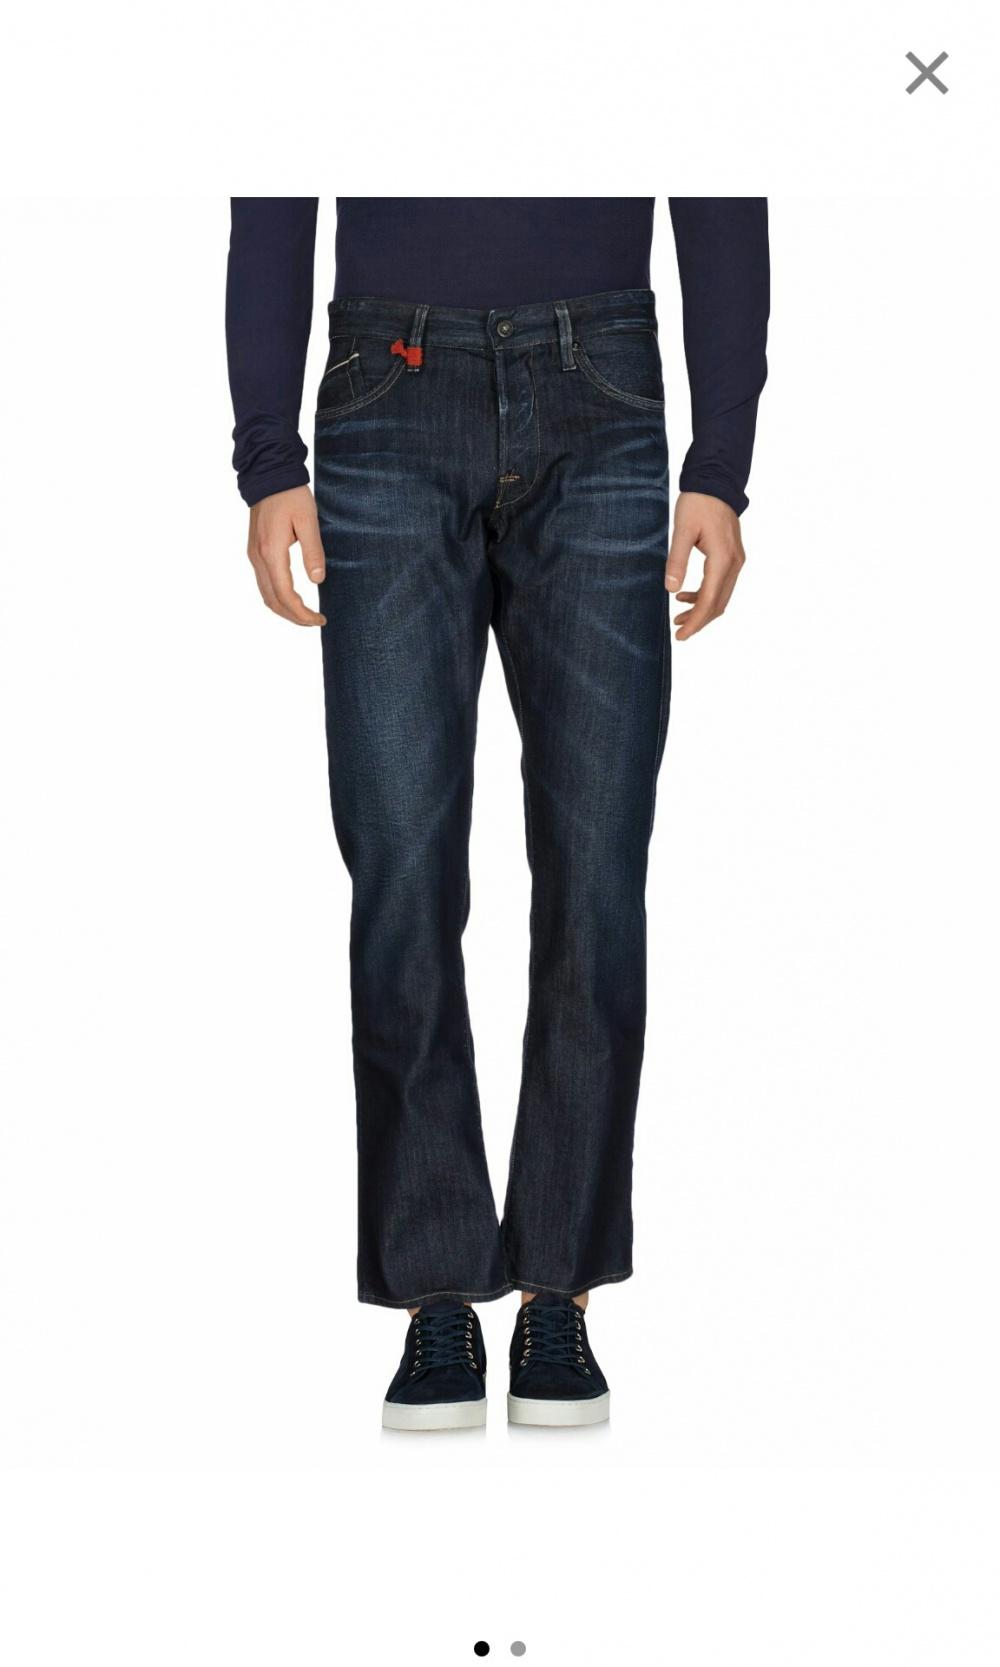 Джинсовые брюки Replay, размер 33W-32L.